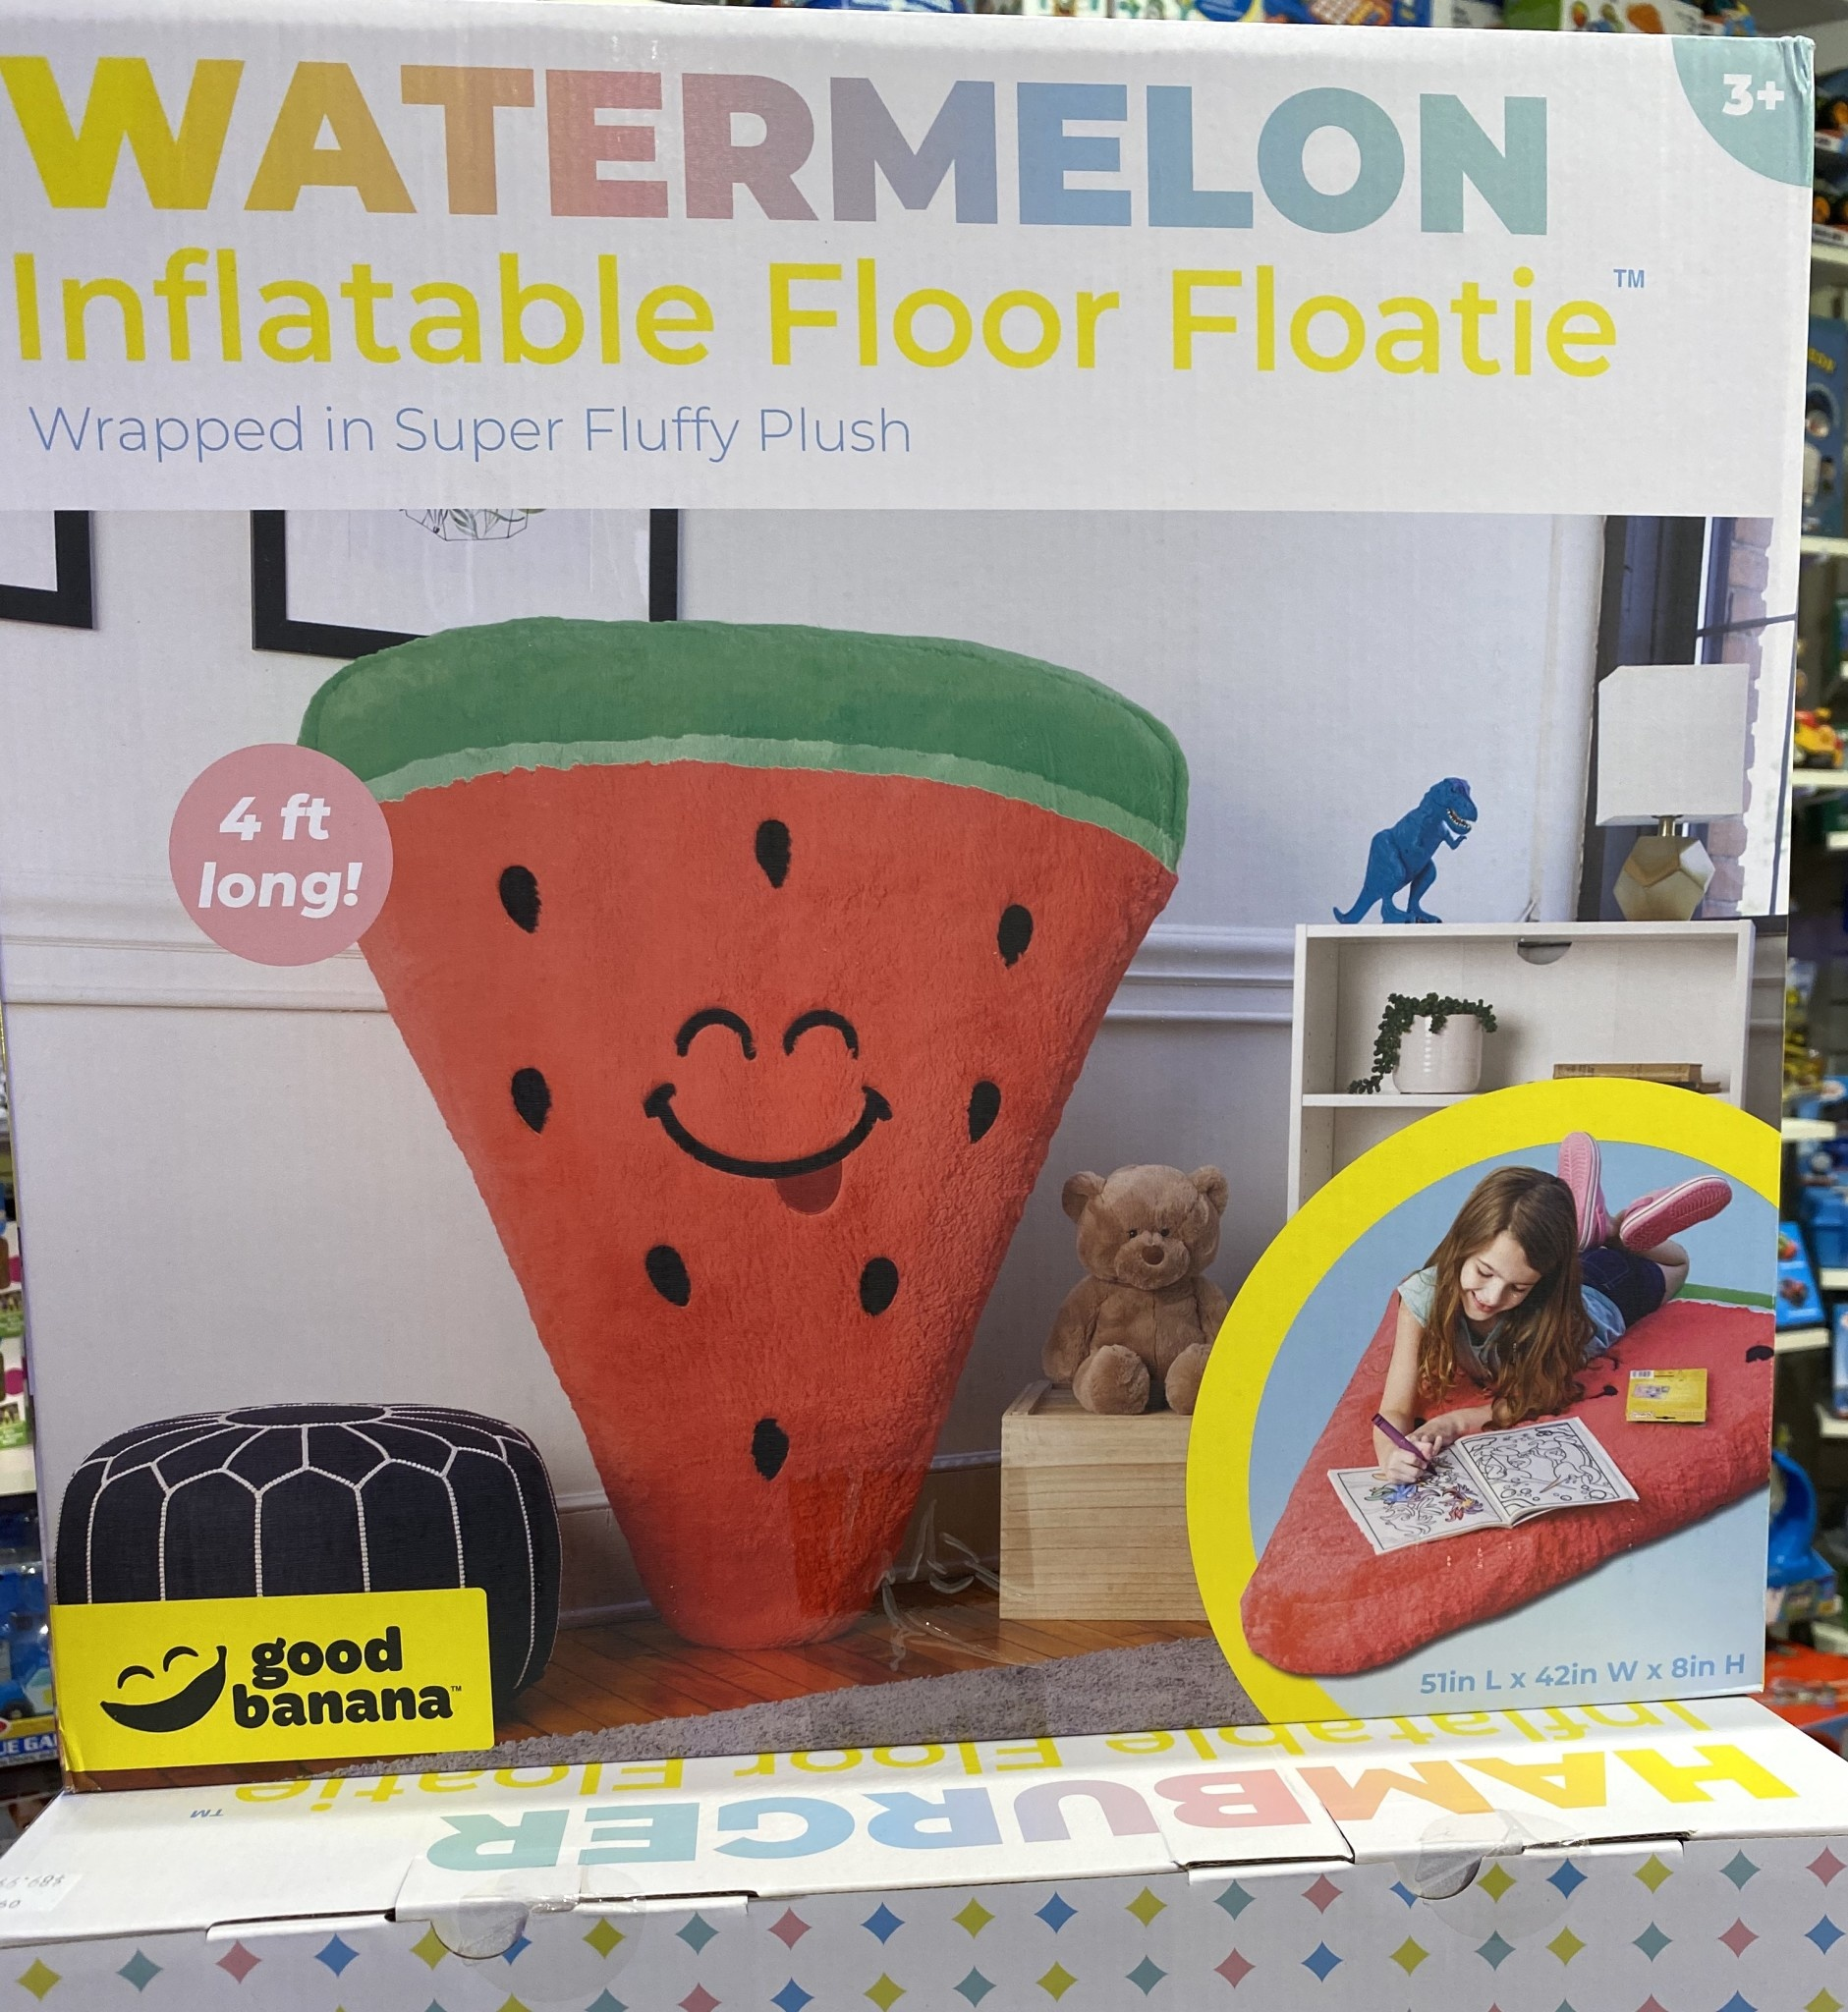 Watermelon Inflatable Floor Floatie-2